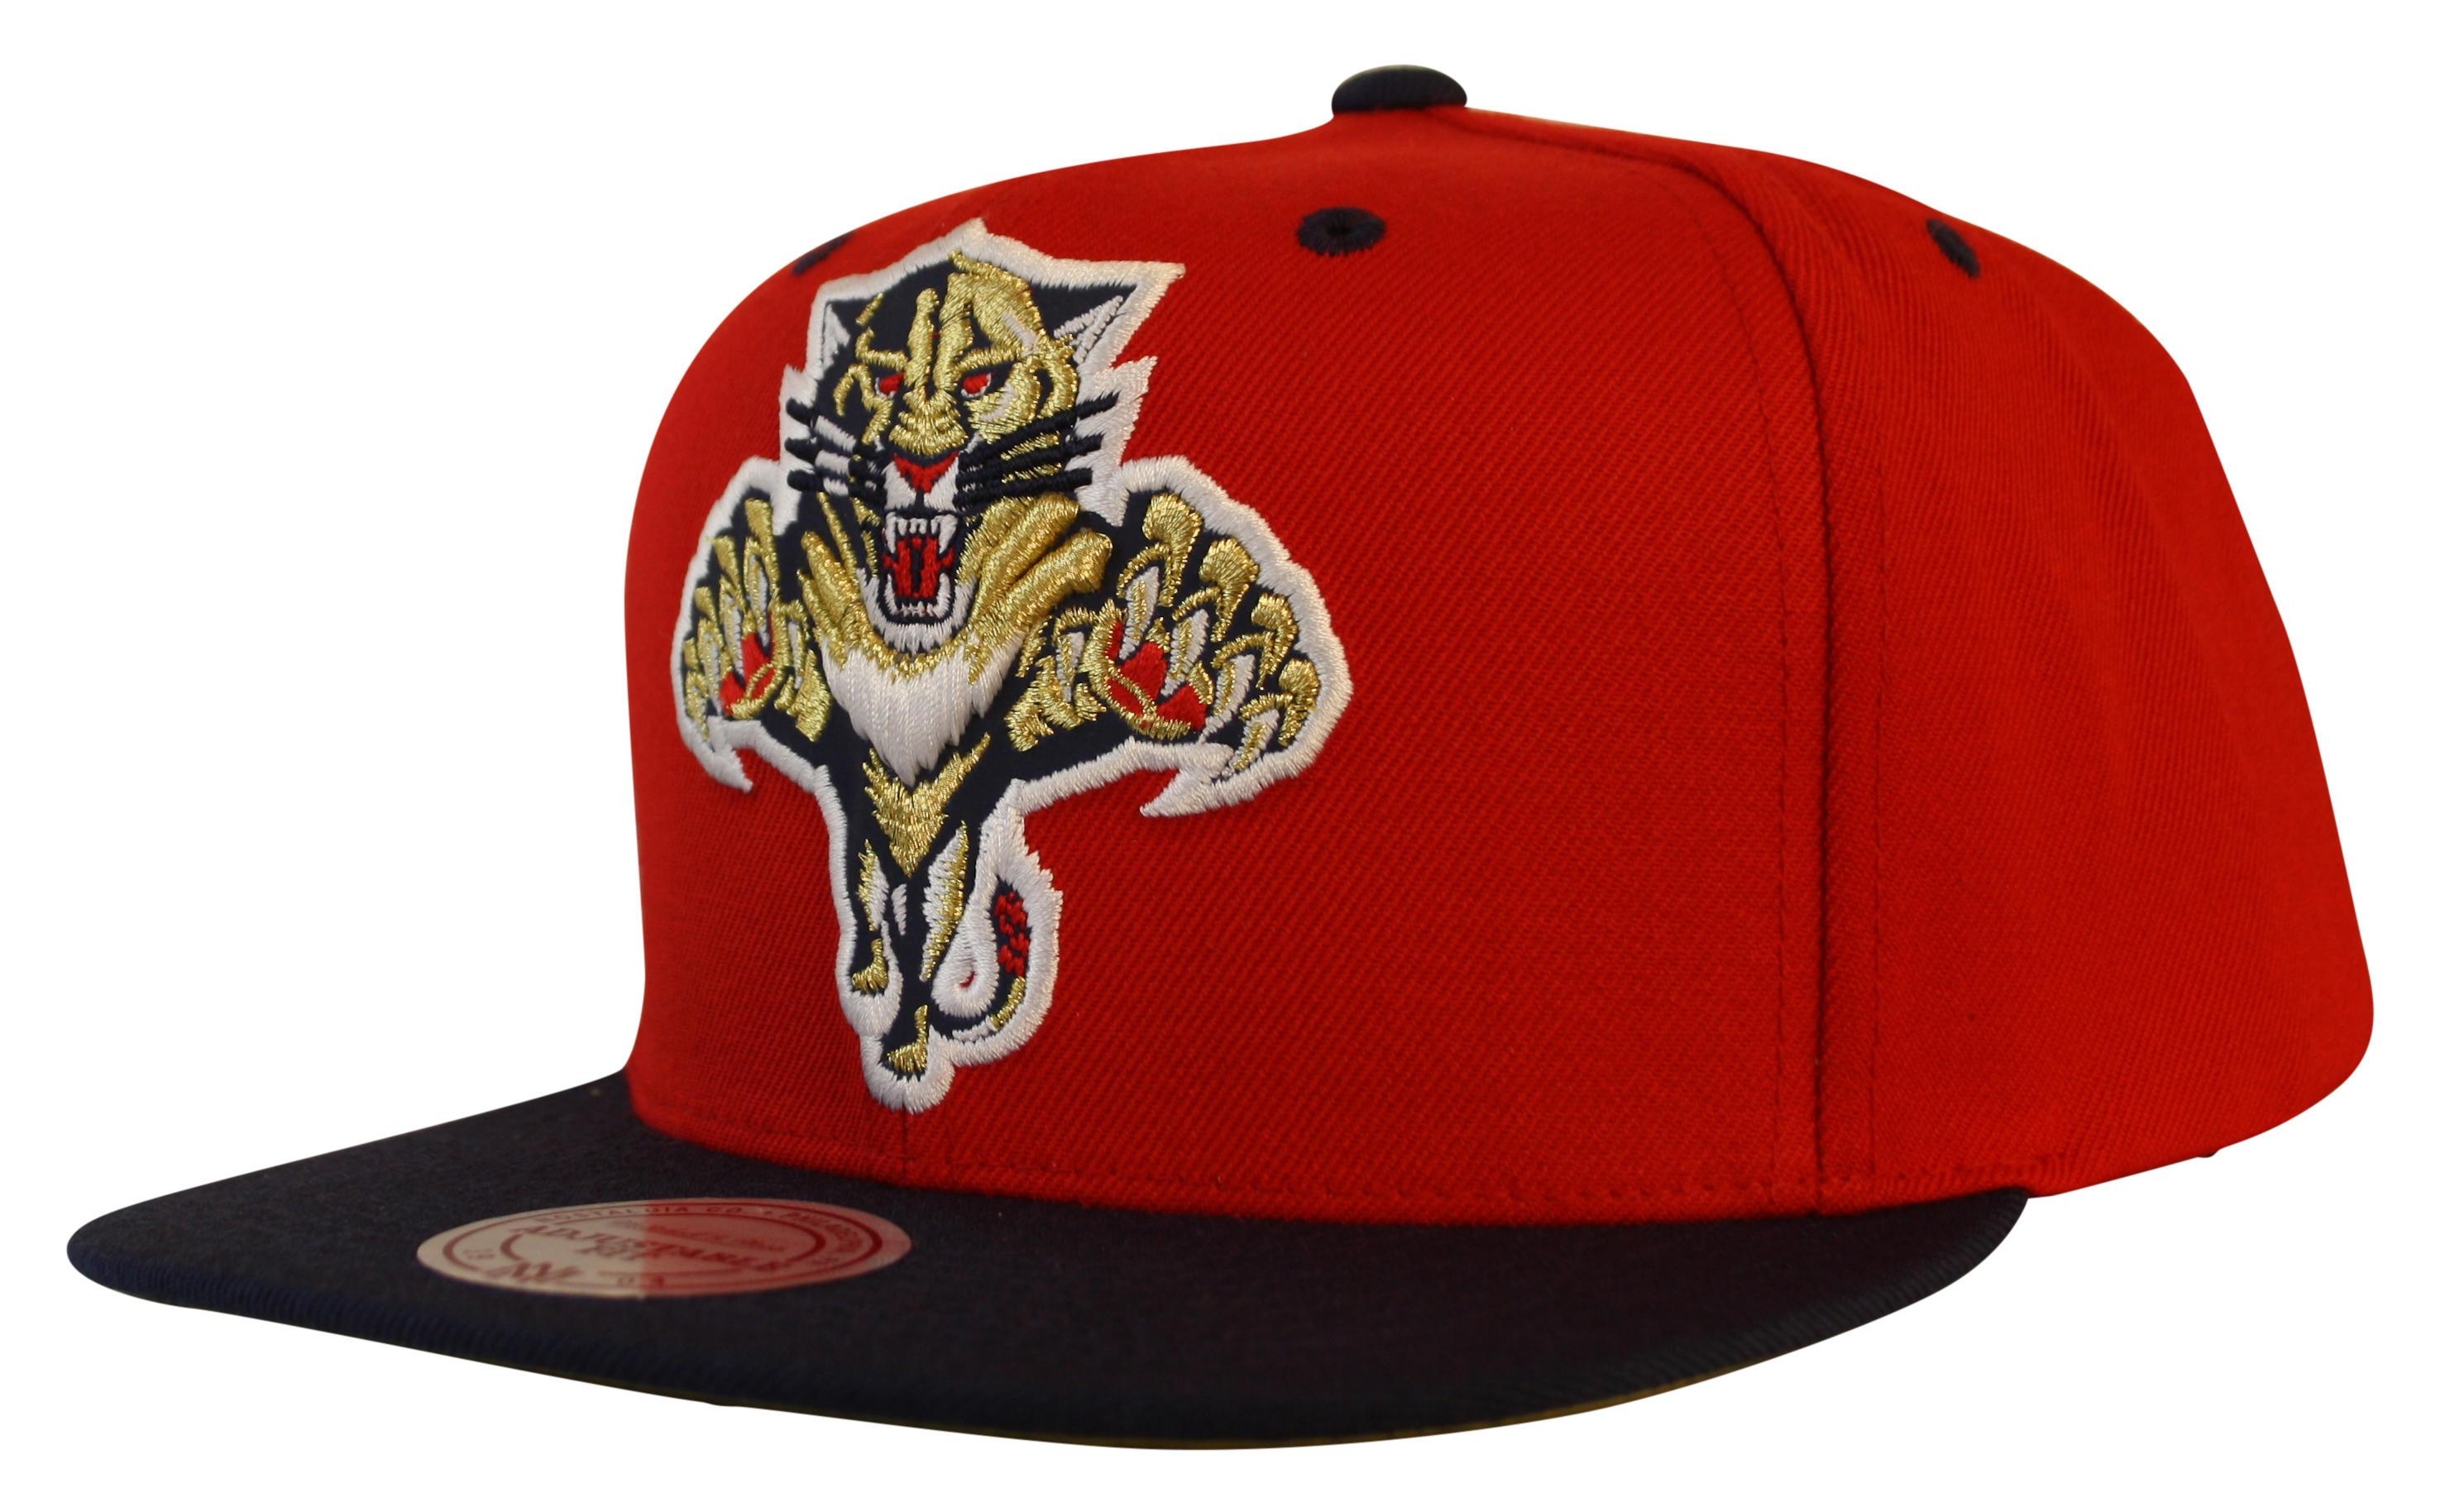 5189825578b Mitchell   Ness Florida Panthers Reflective XL Logo Snapback